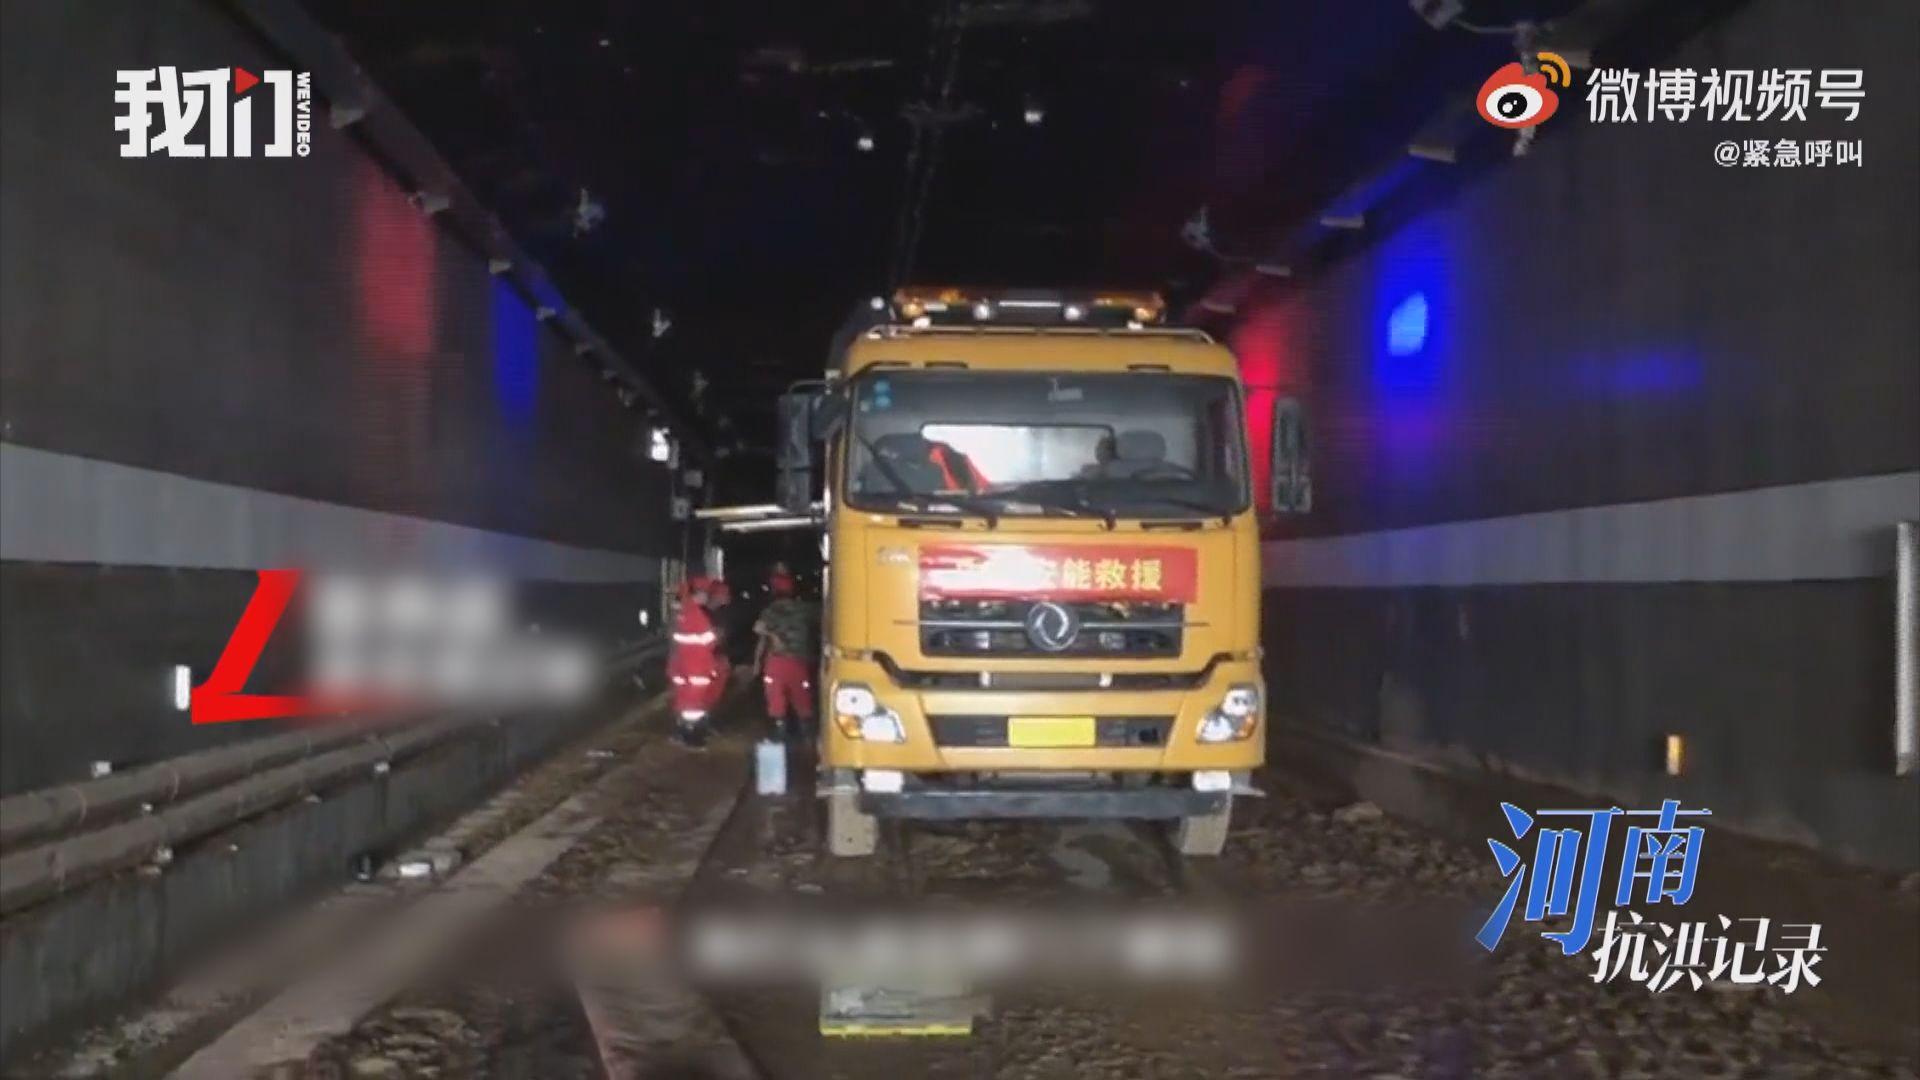 京廣路隧道半年前曾整修排水系統 仍不敵大雨